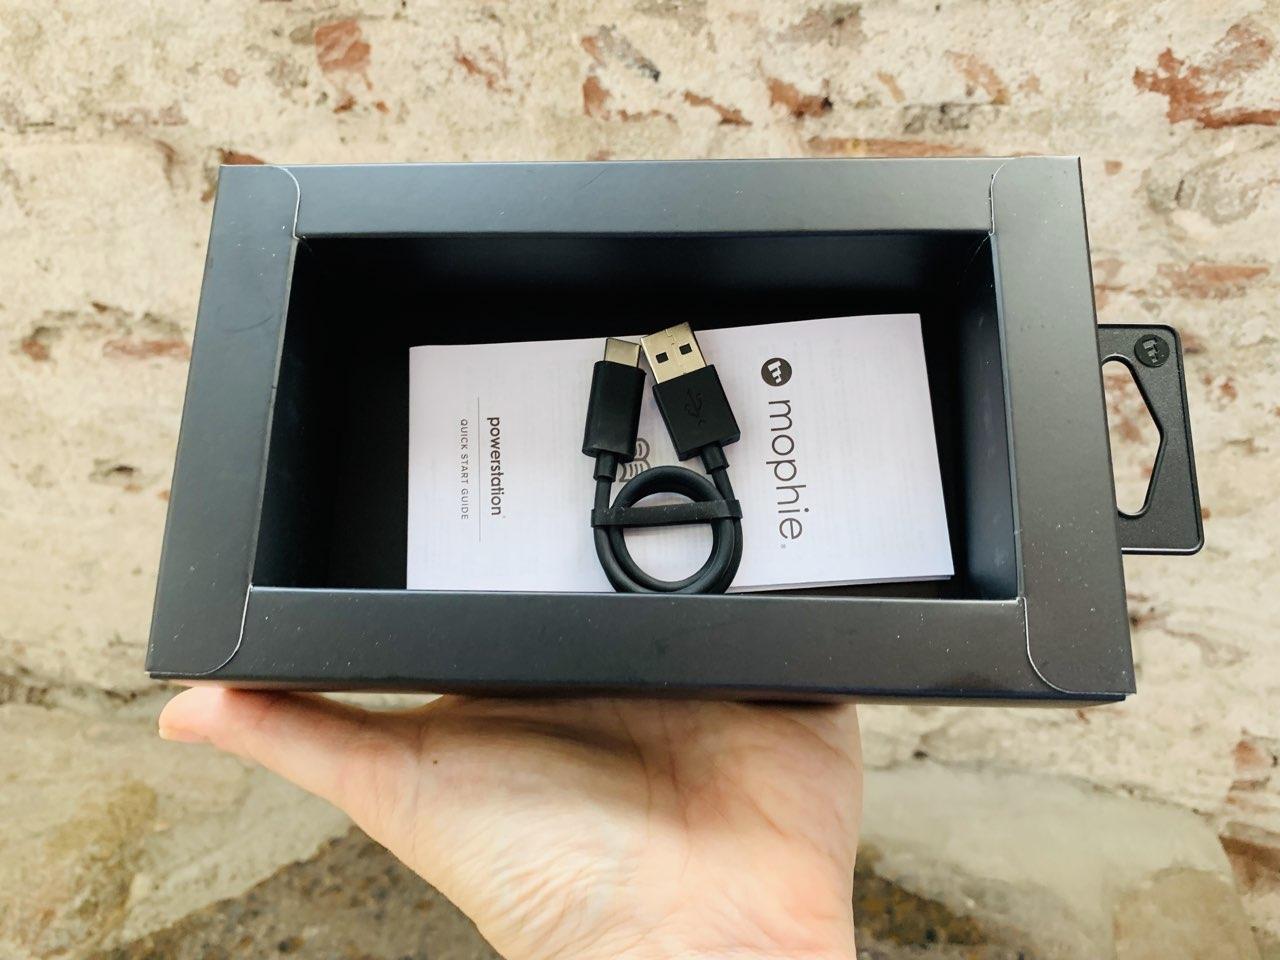 Mophie Powerstation met USB-C kabeltje